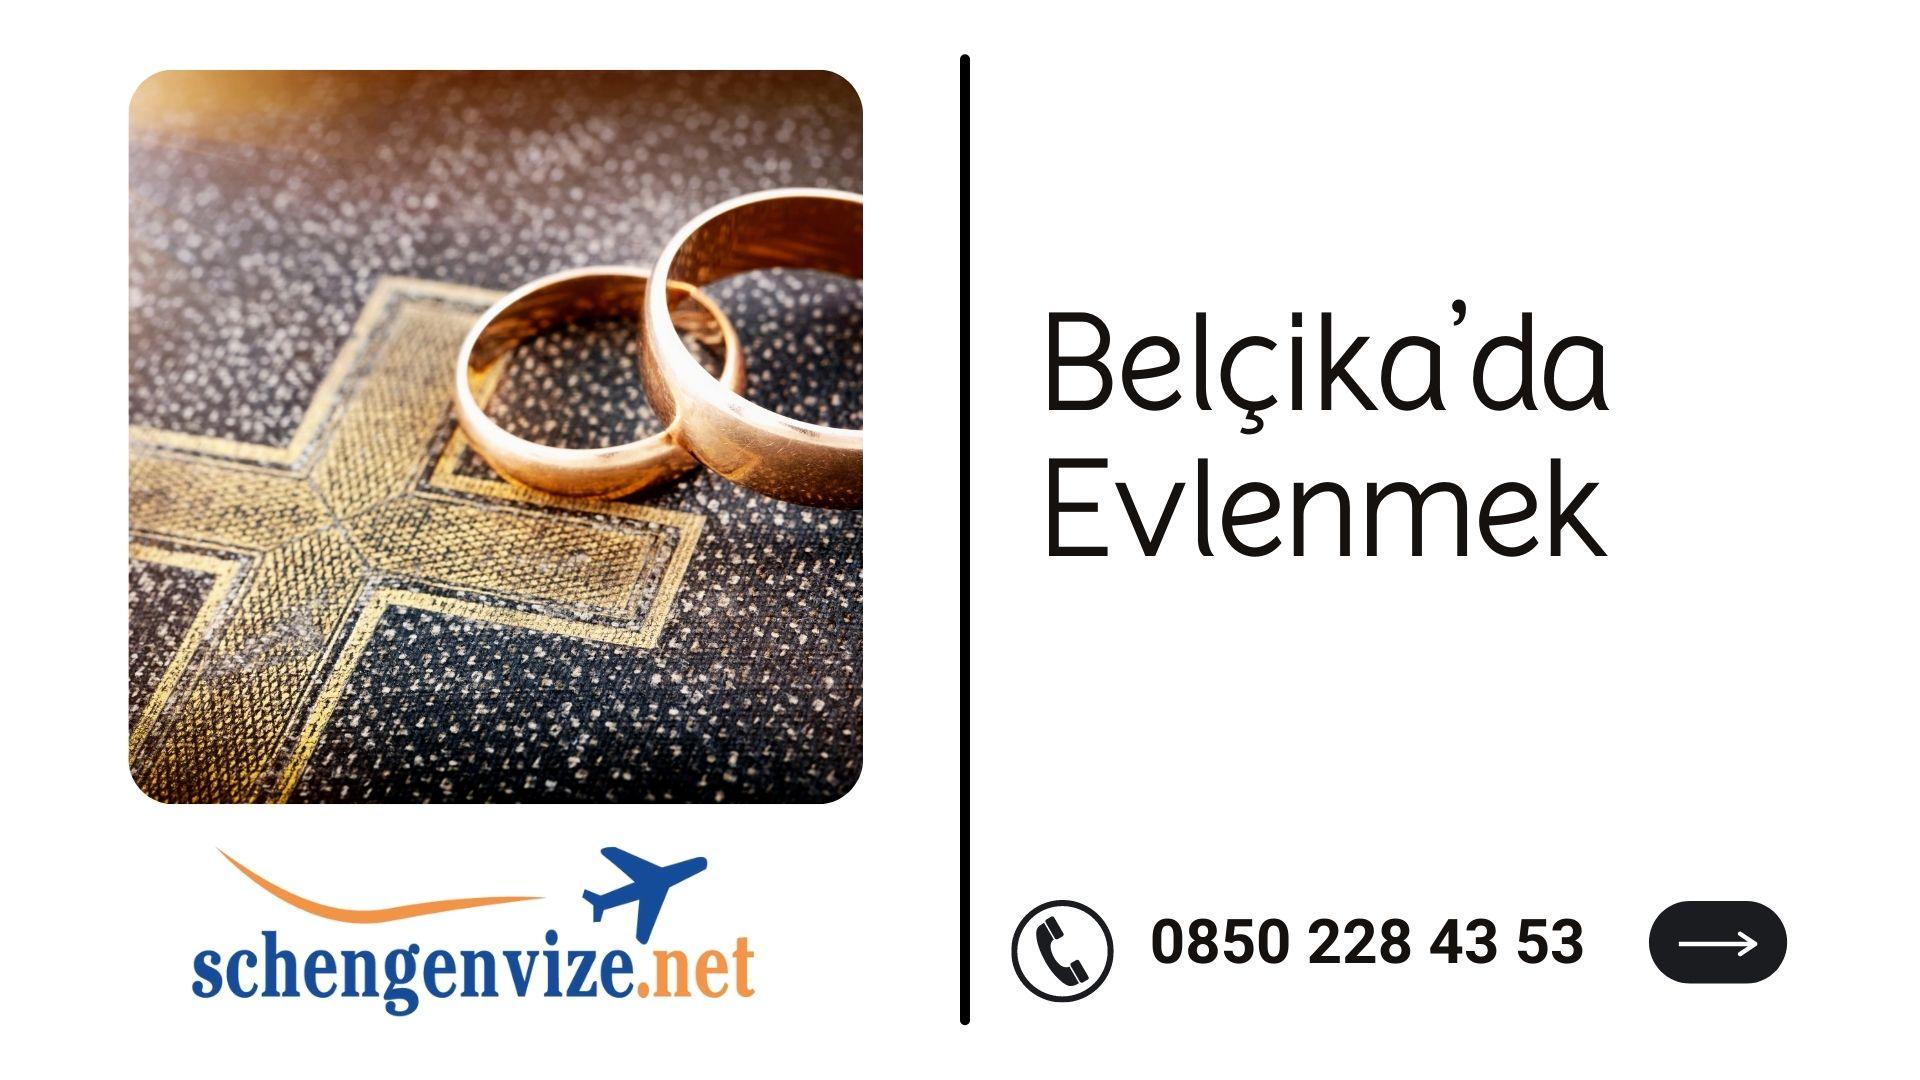 Belçika'da Evlenmek